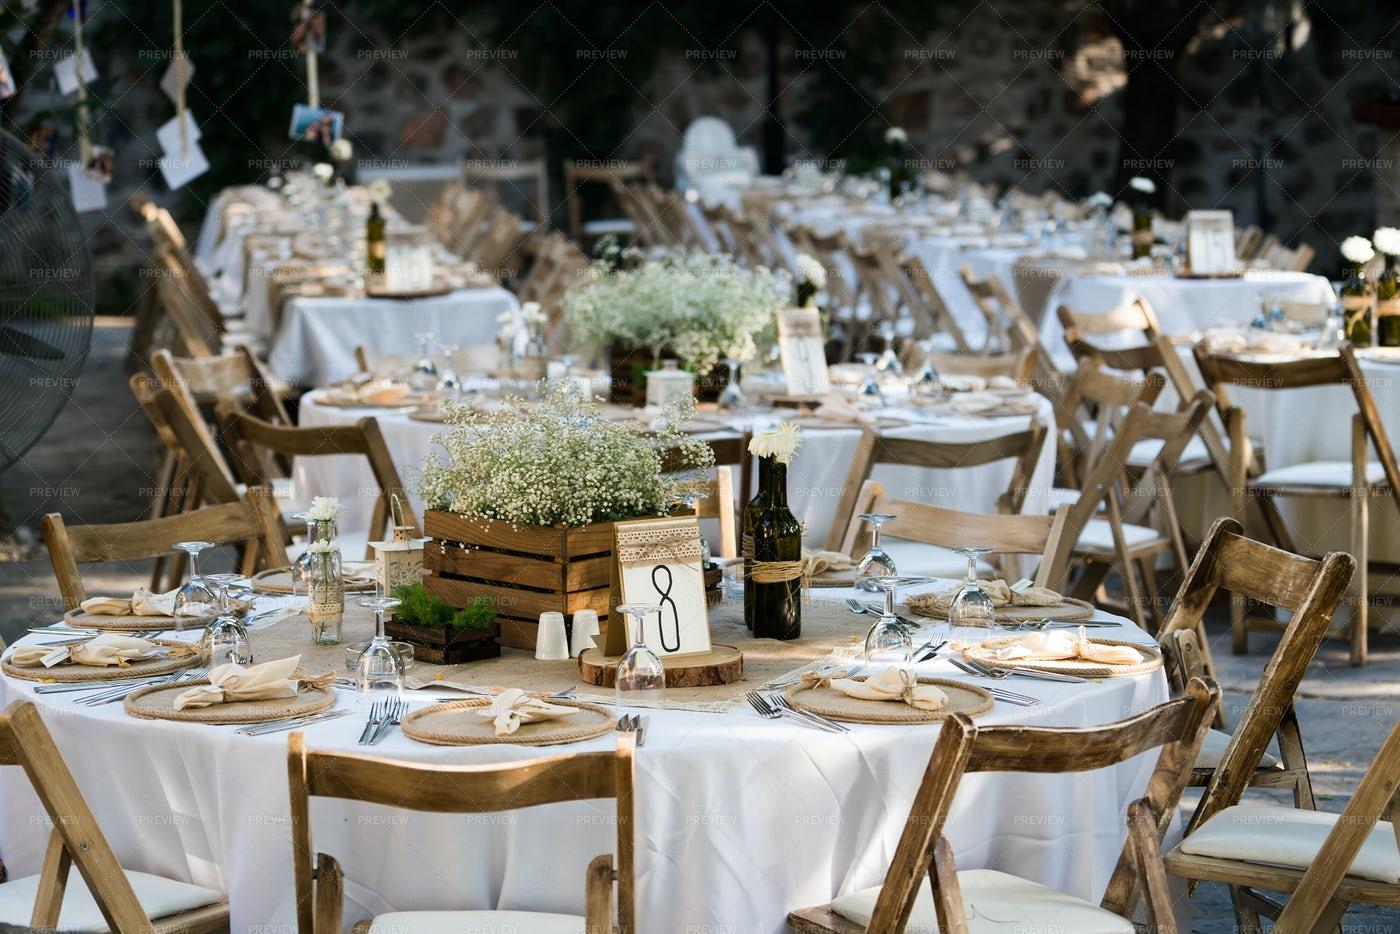 Many Wedding Tables: Stock Photos